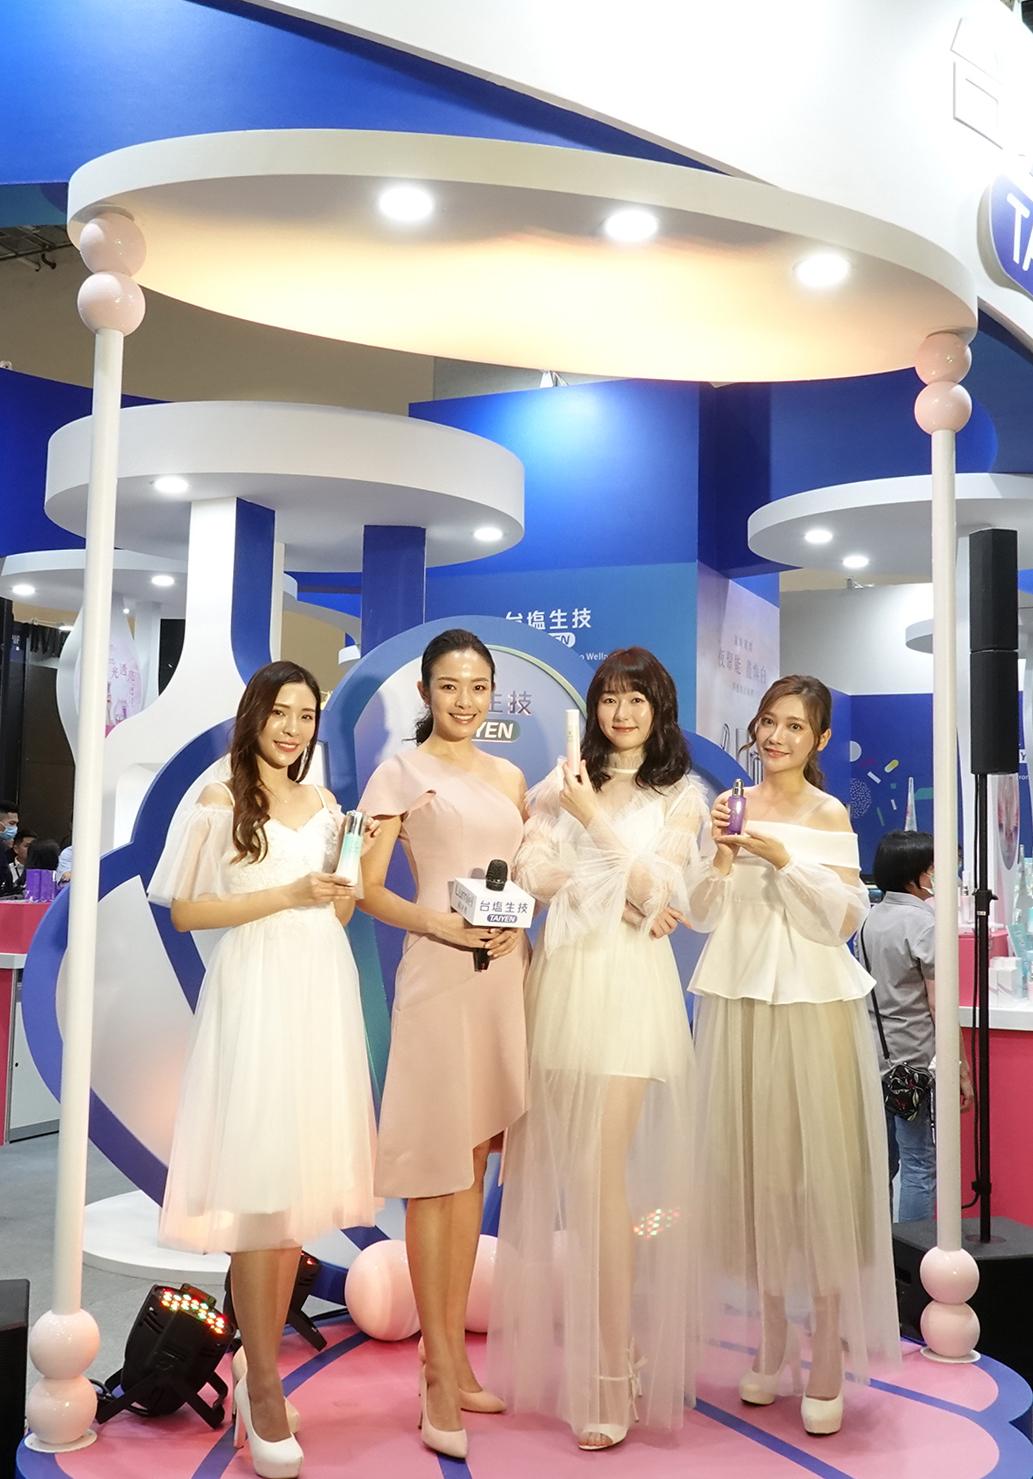 伊林名模團隊展示「綠迷雅」最新系列產品,臺鹽國家級美妝品遇見美麗嬌點,在2020亞洲生技大展現場備受矚目。